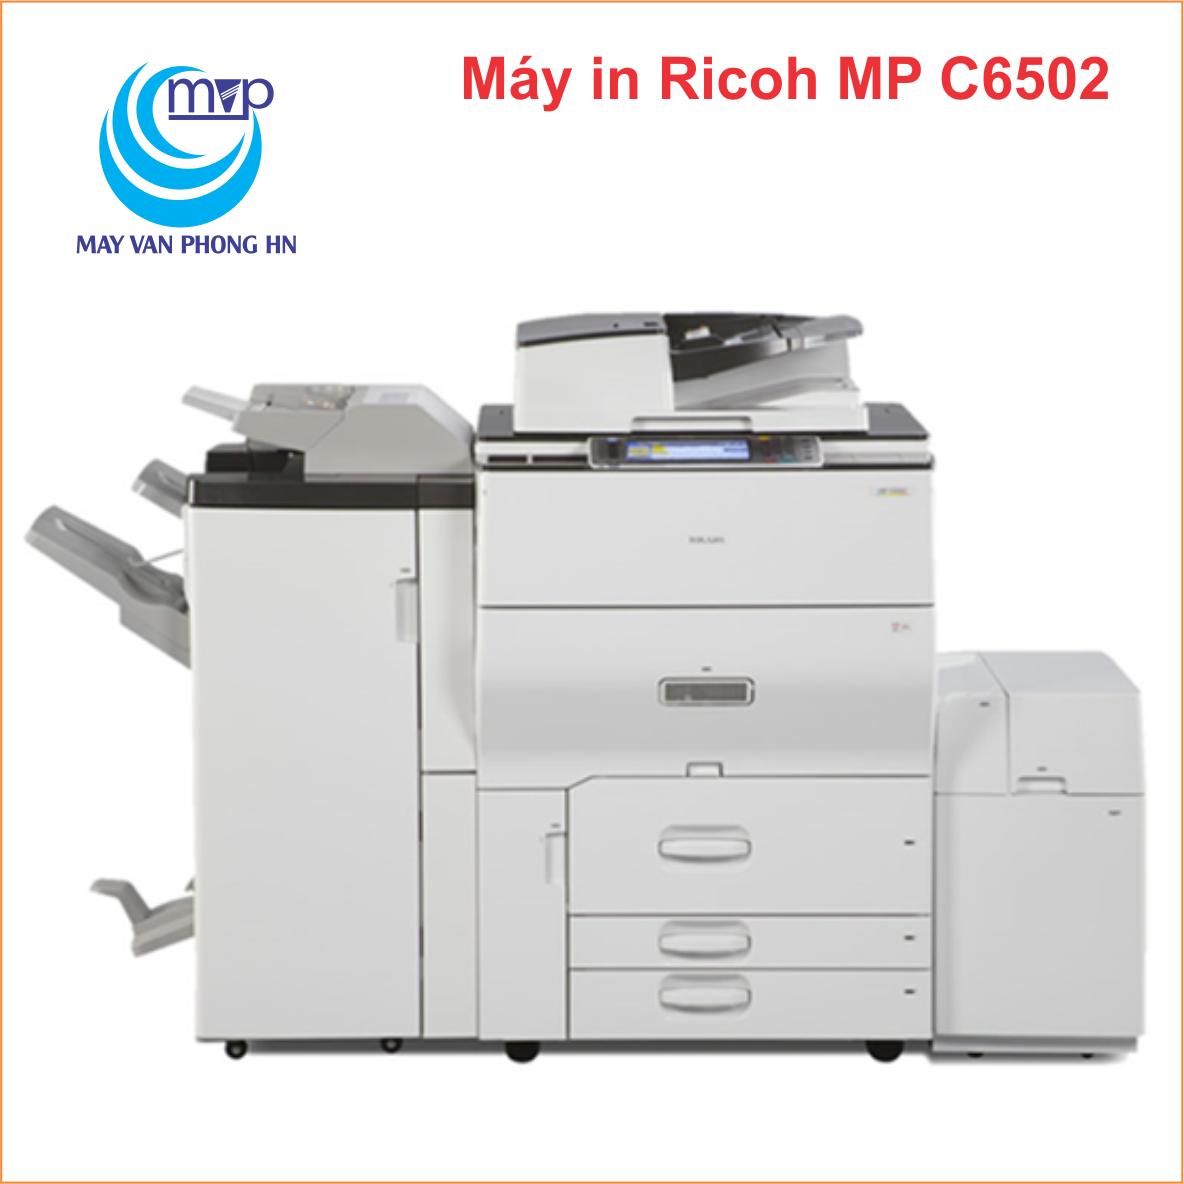 Máy in Ricoh MP C6502